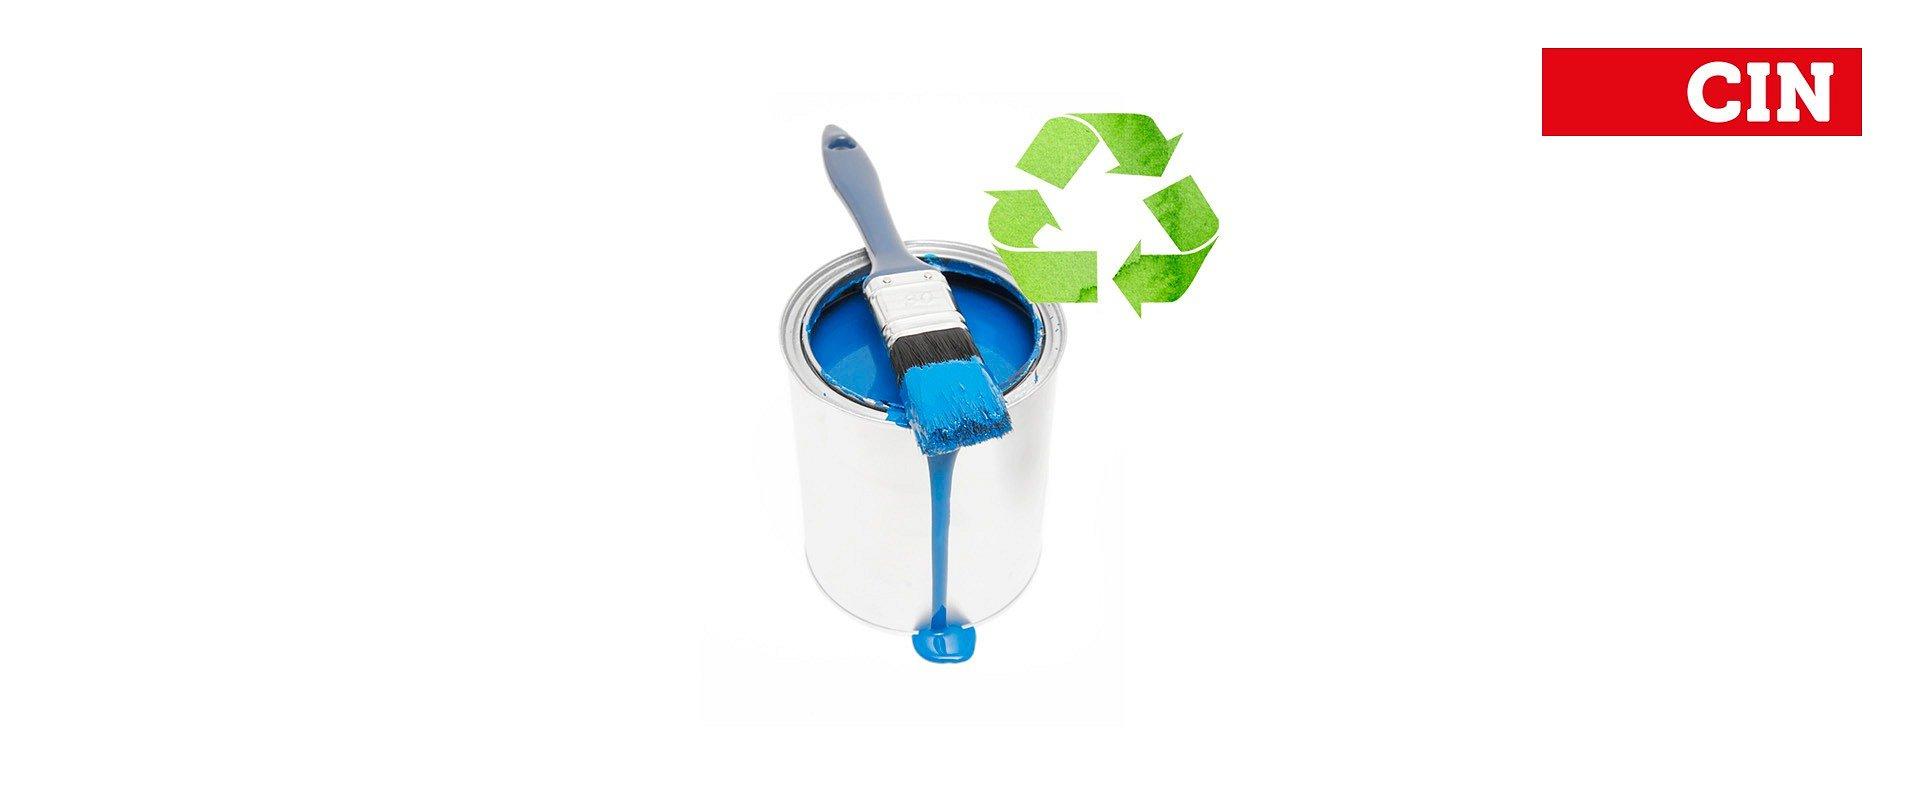 CIN apoia reciclagem e gestão de resíduos